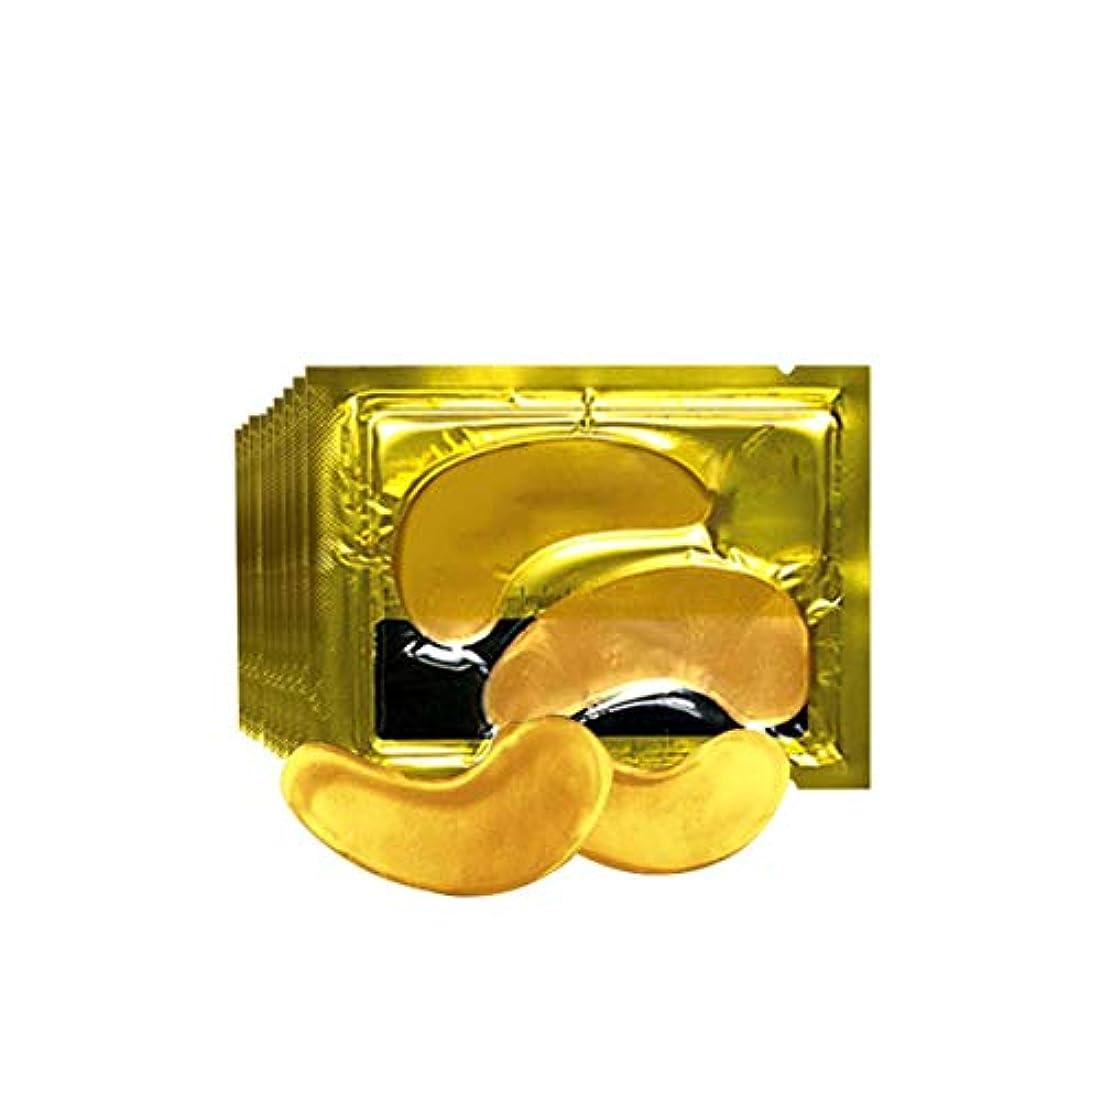 対処する仕事ダブル24Kアイマスク削除ダークサークルアンチシワ保湿アンチエイジングアンチパフアイバッグビューティファーミングアイマスク - イエロー